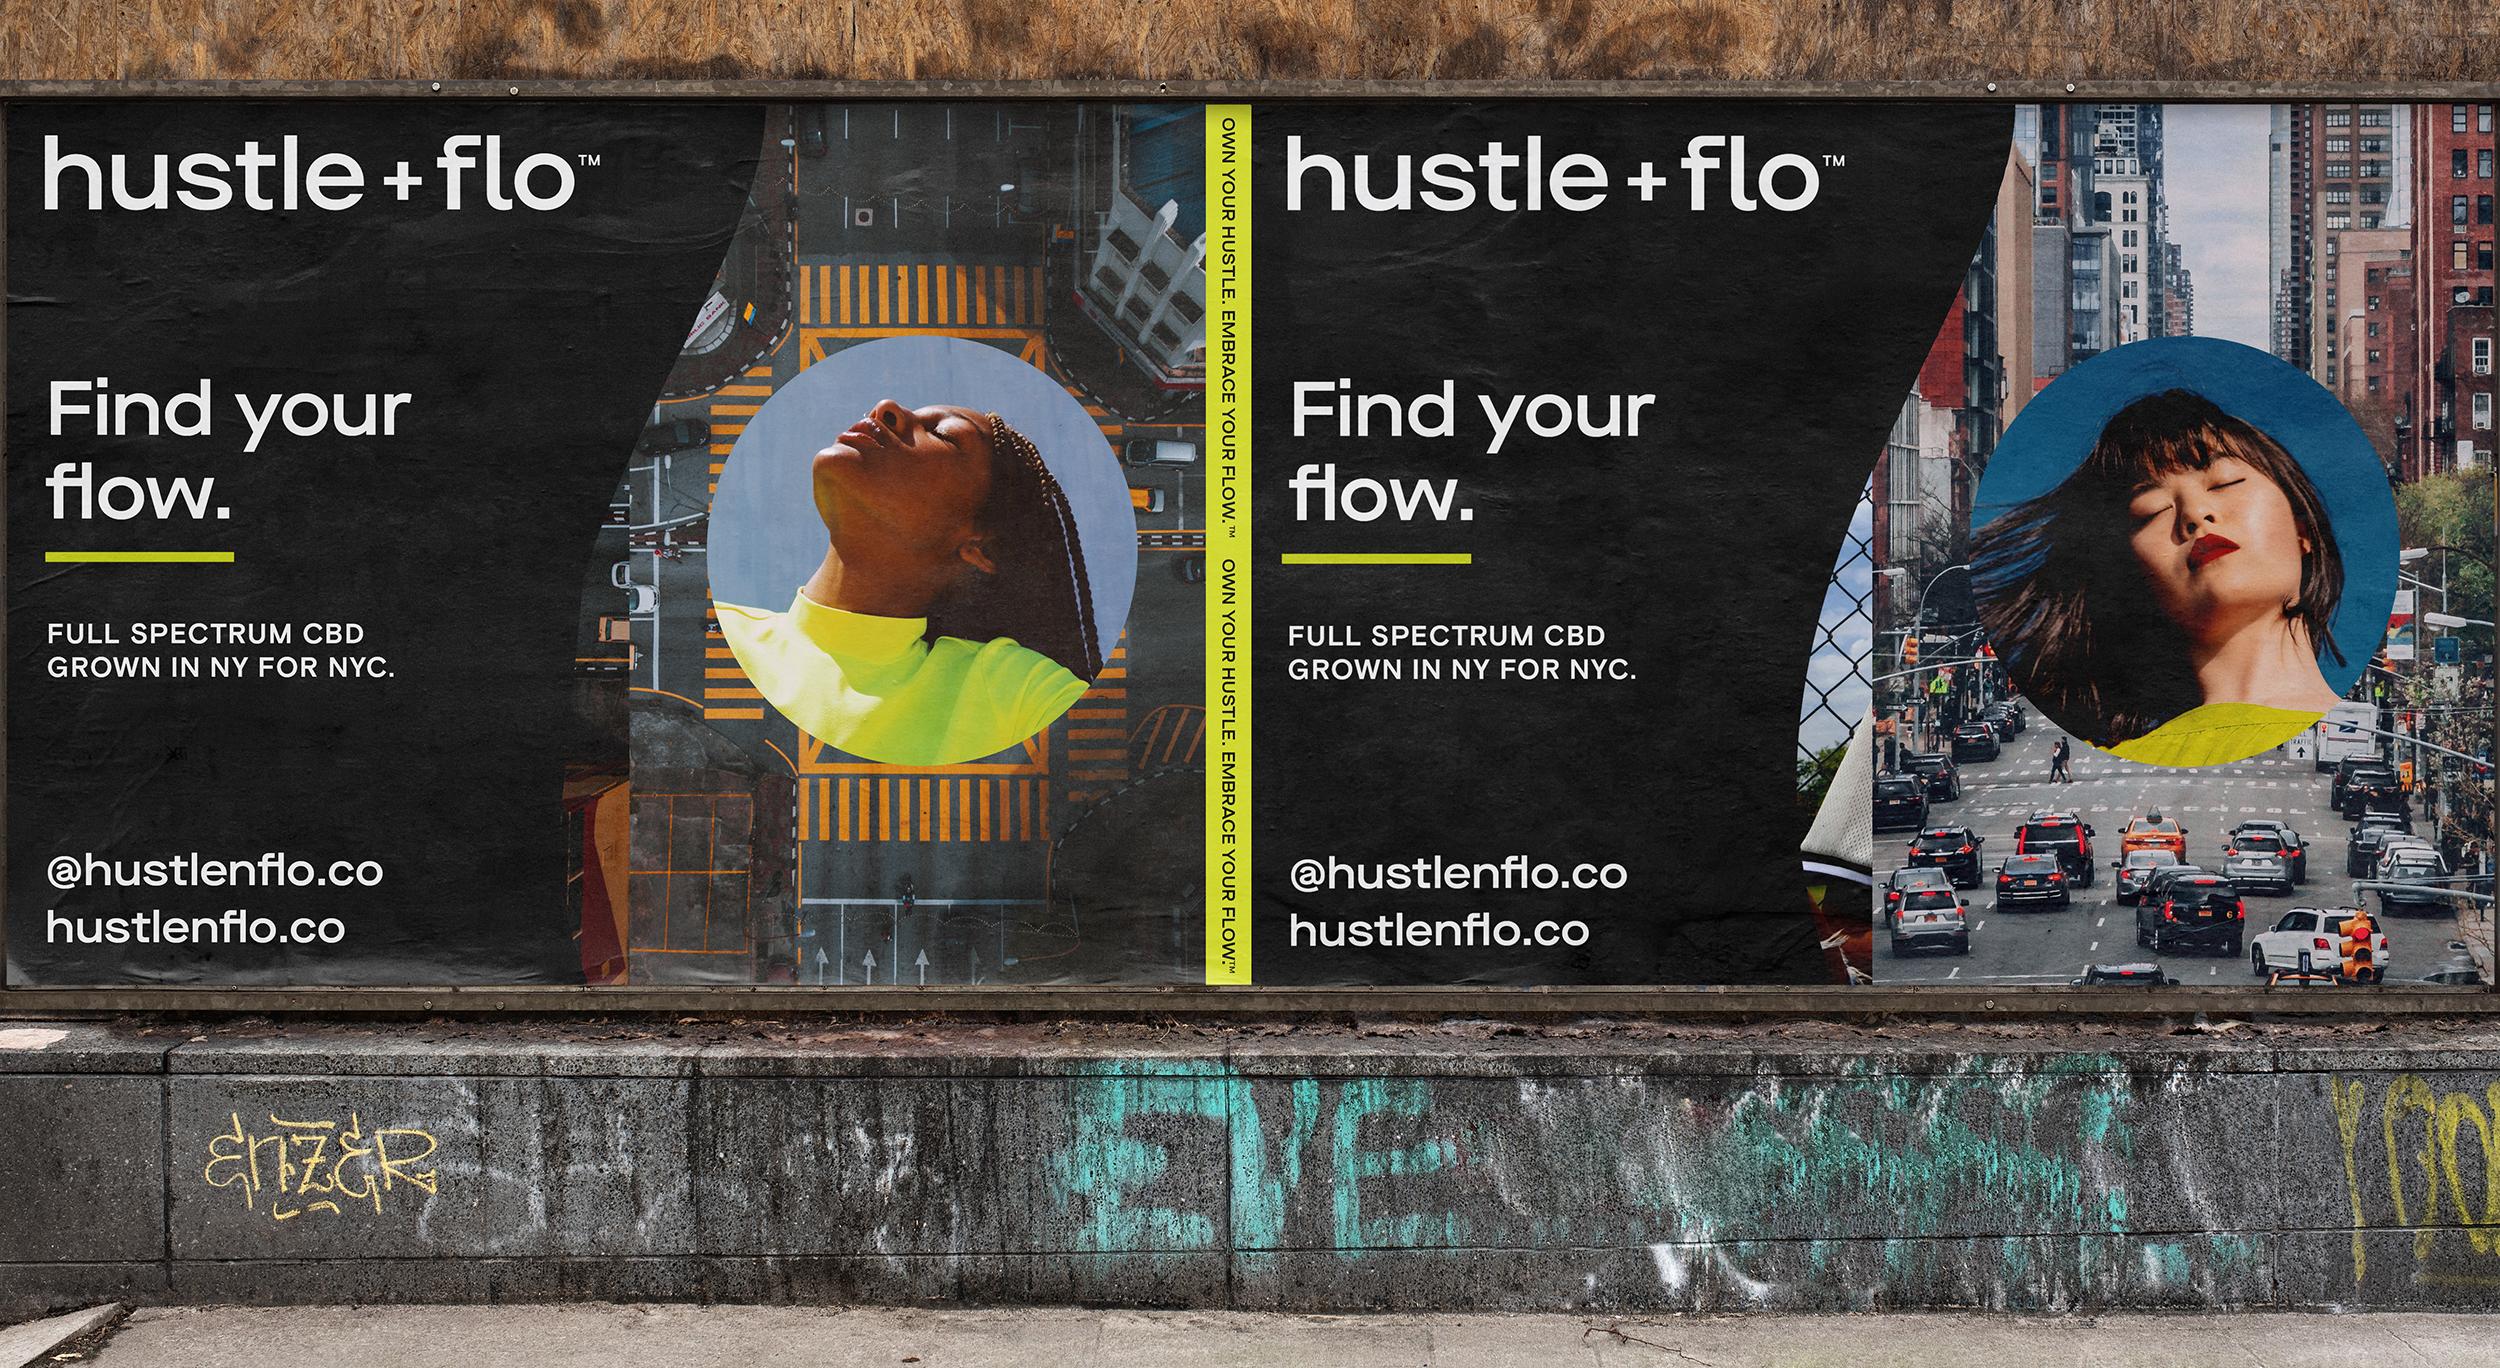 hustle + flo